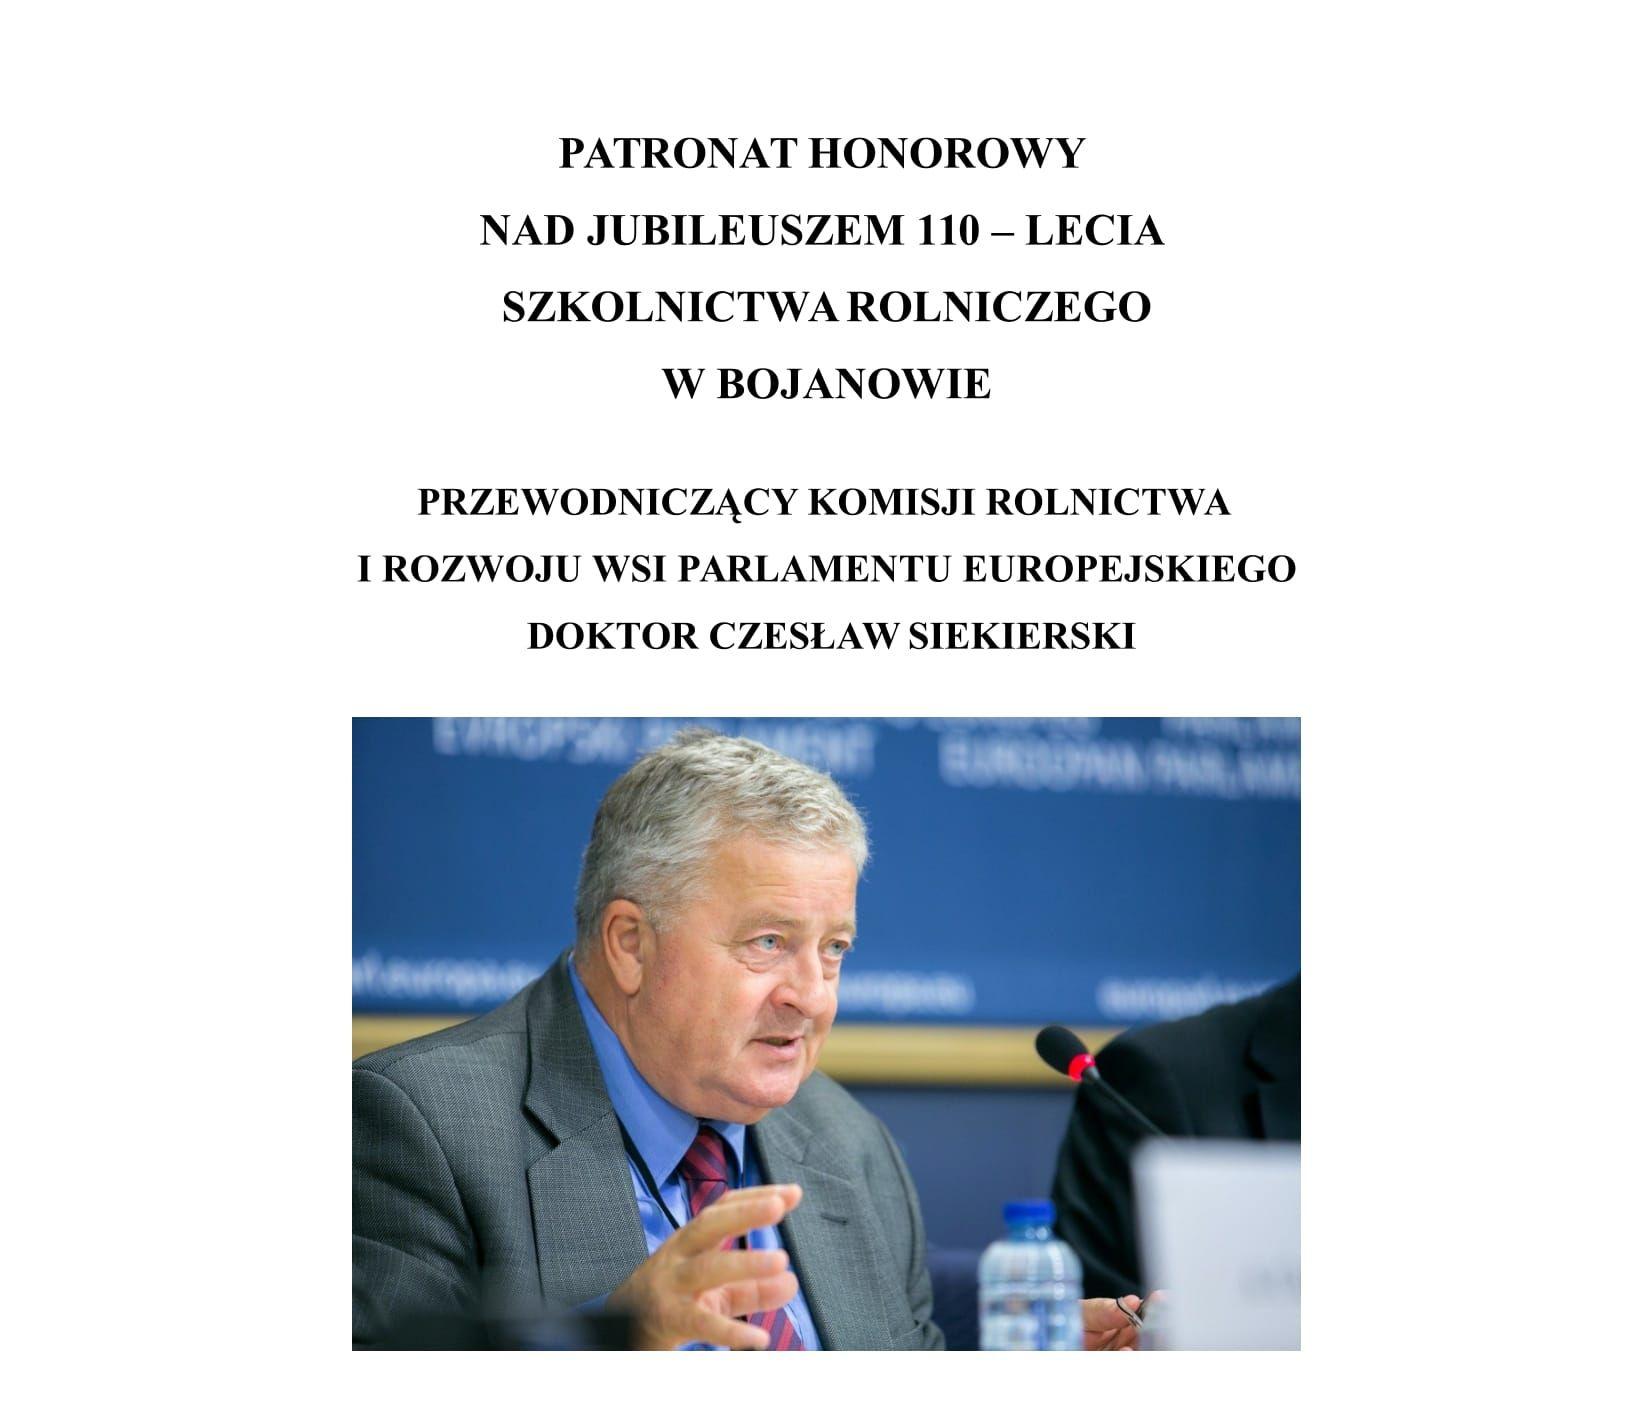 PATRONAT HONOROWY - CZESŁAW SIEKIERSKI-1 - Kopia_crop